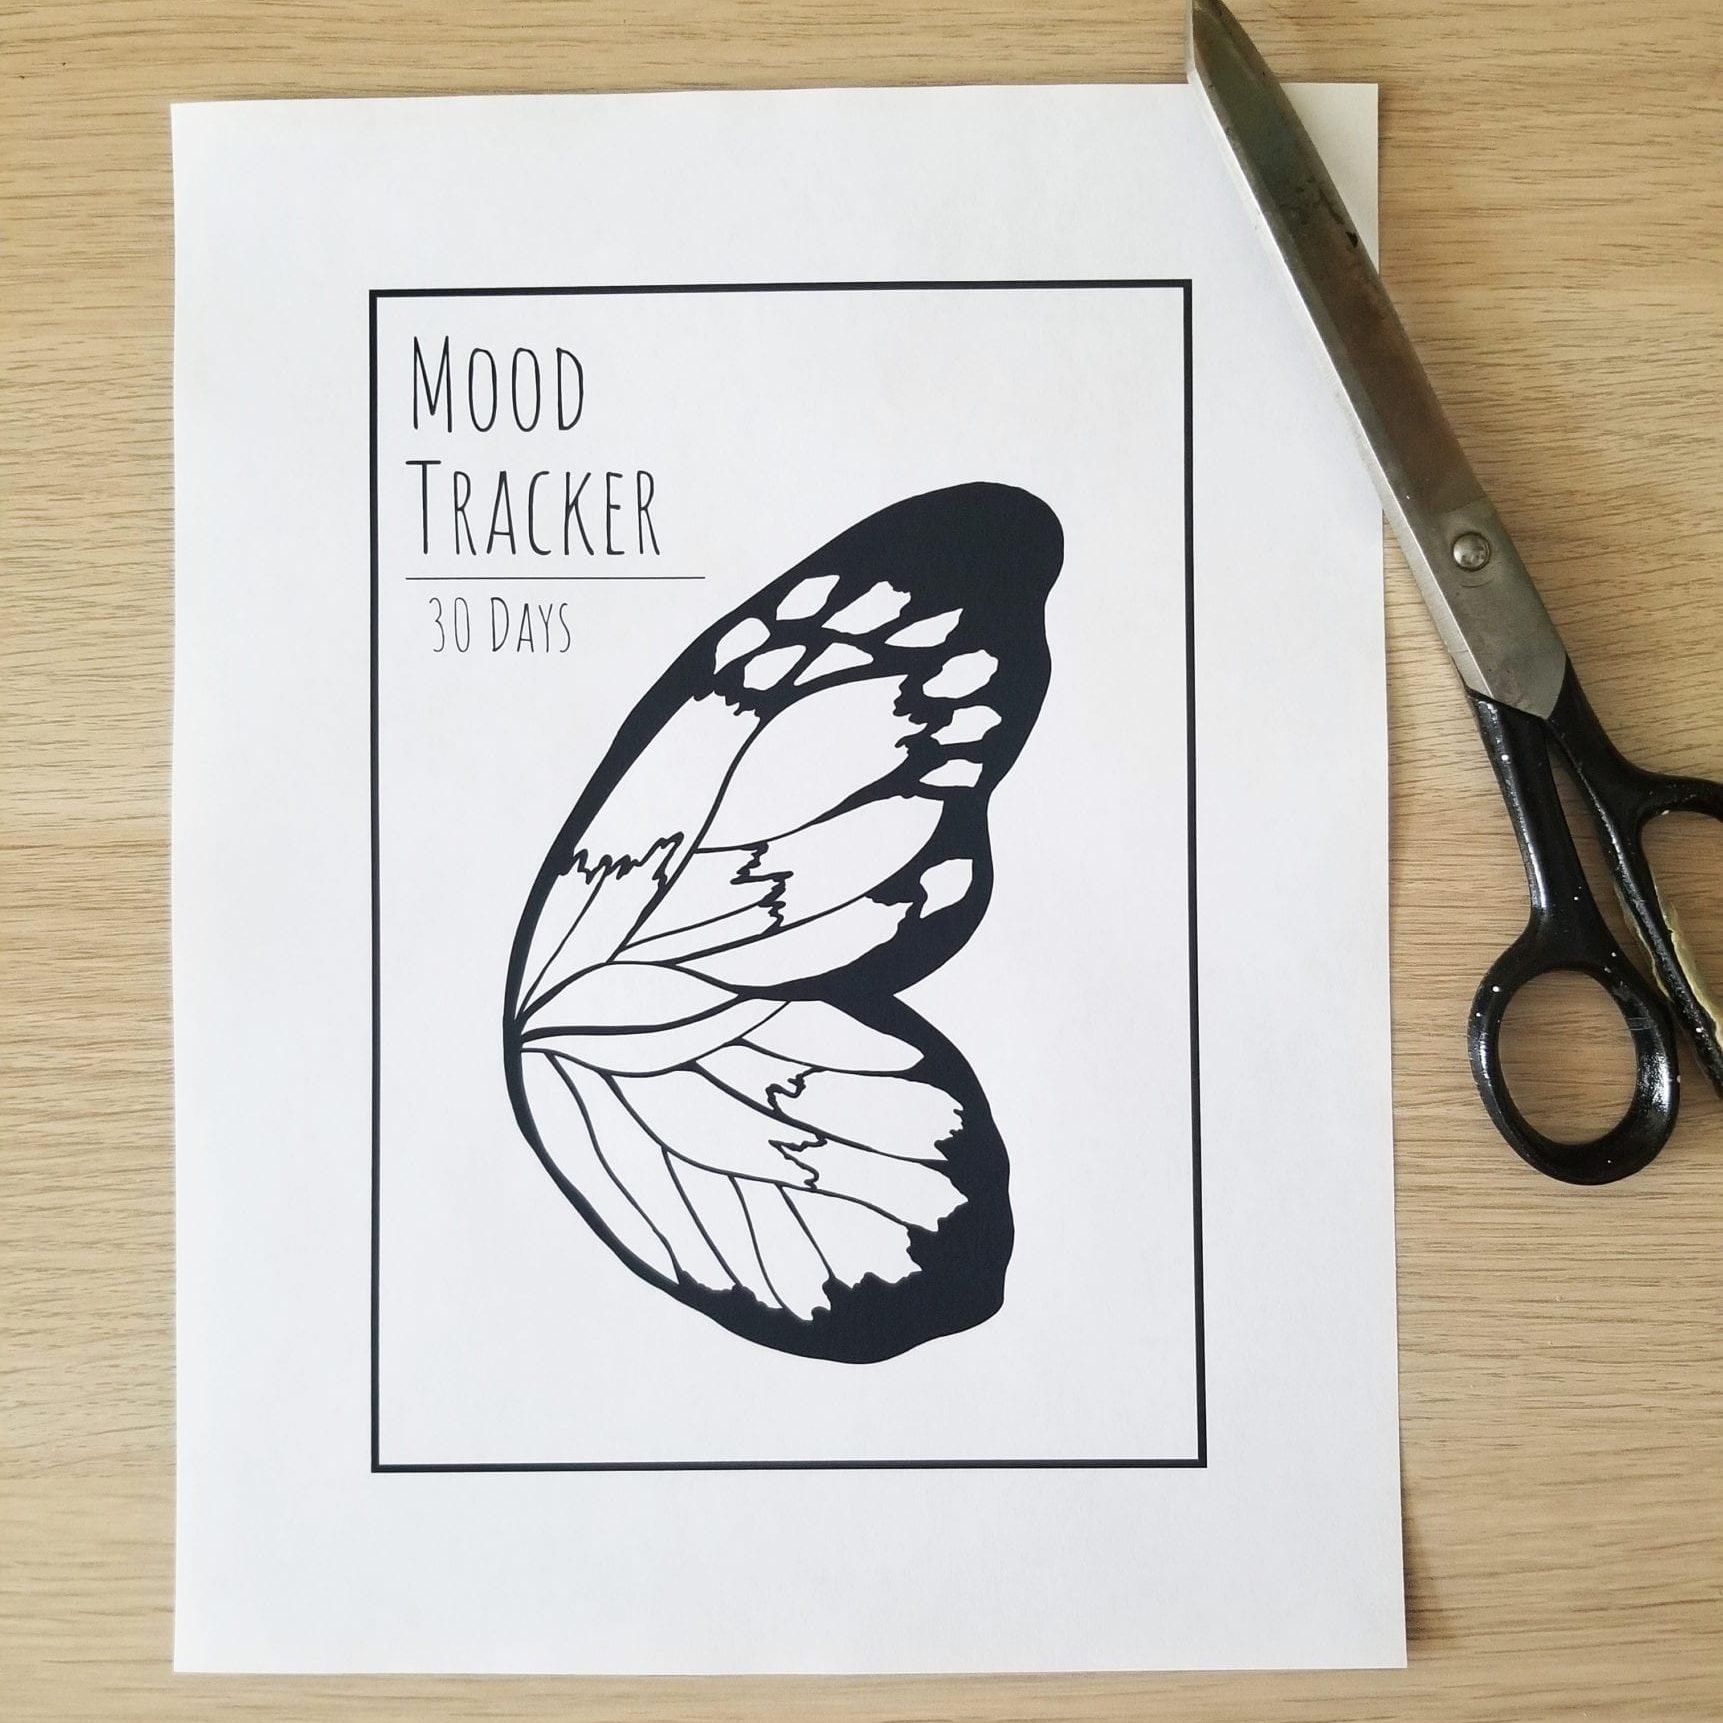 mood tracker photo